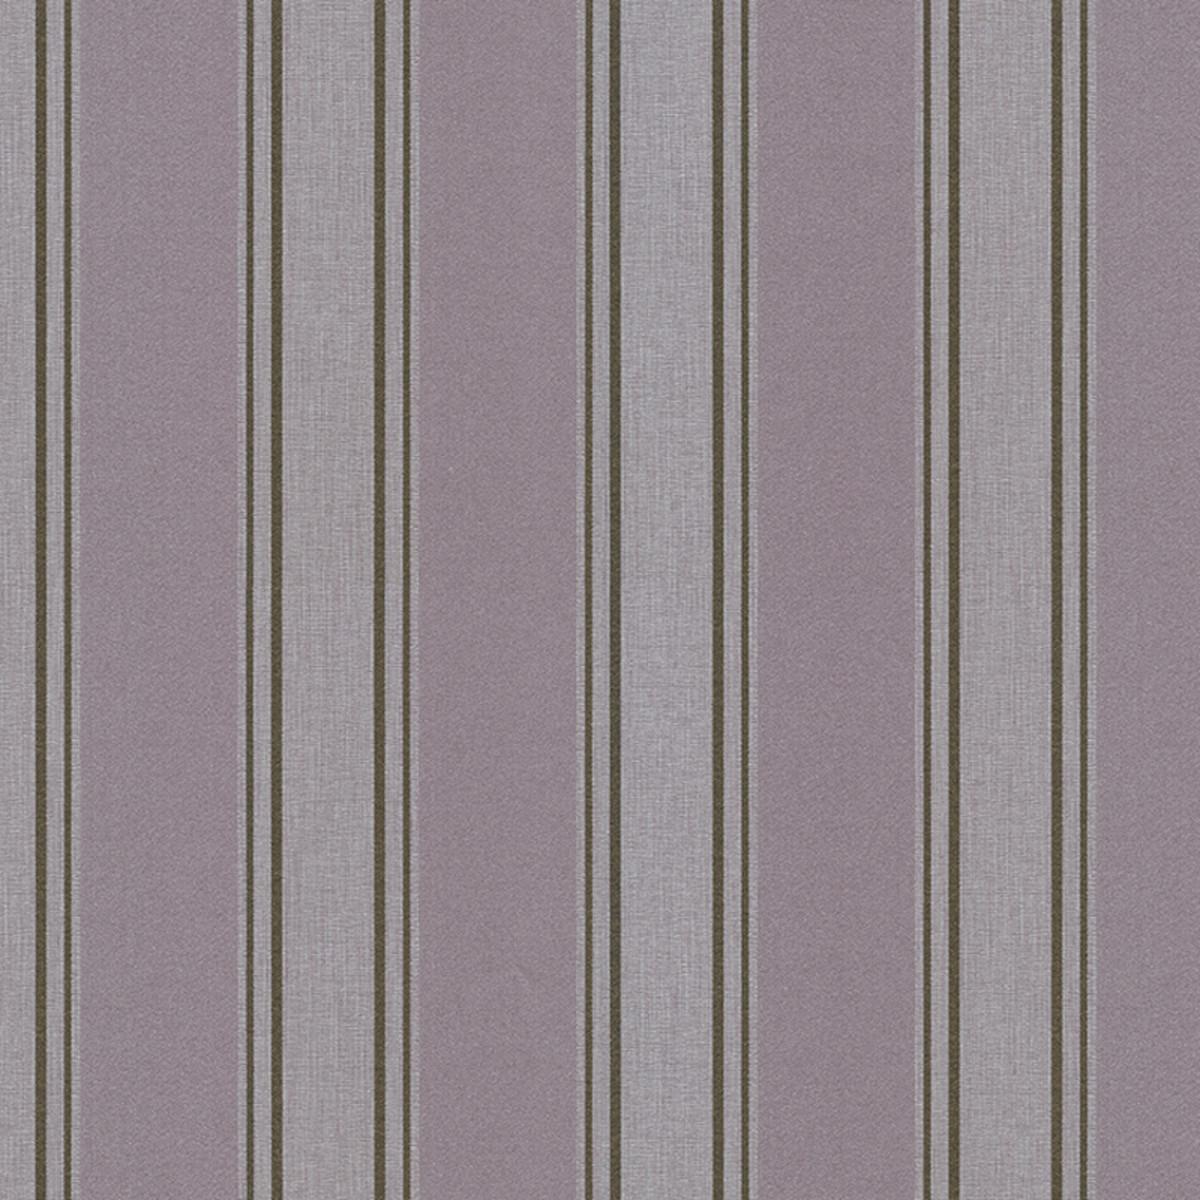 Обои флизелиновые С.Л.Г. серые 1.06 м 3-0425